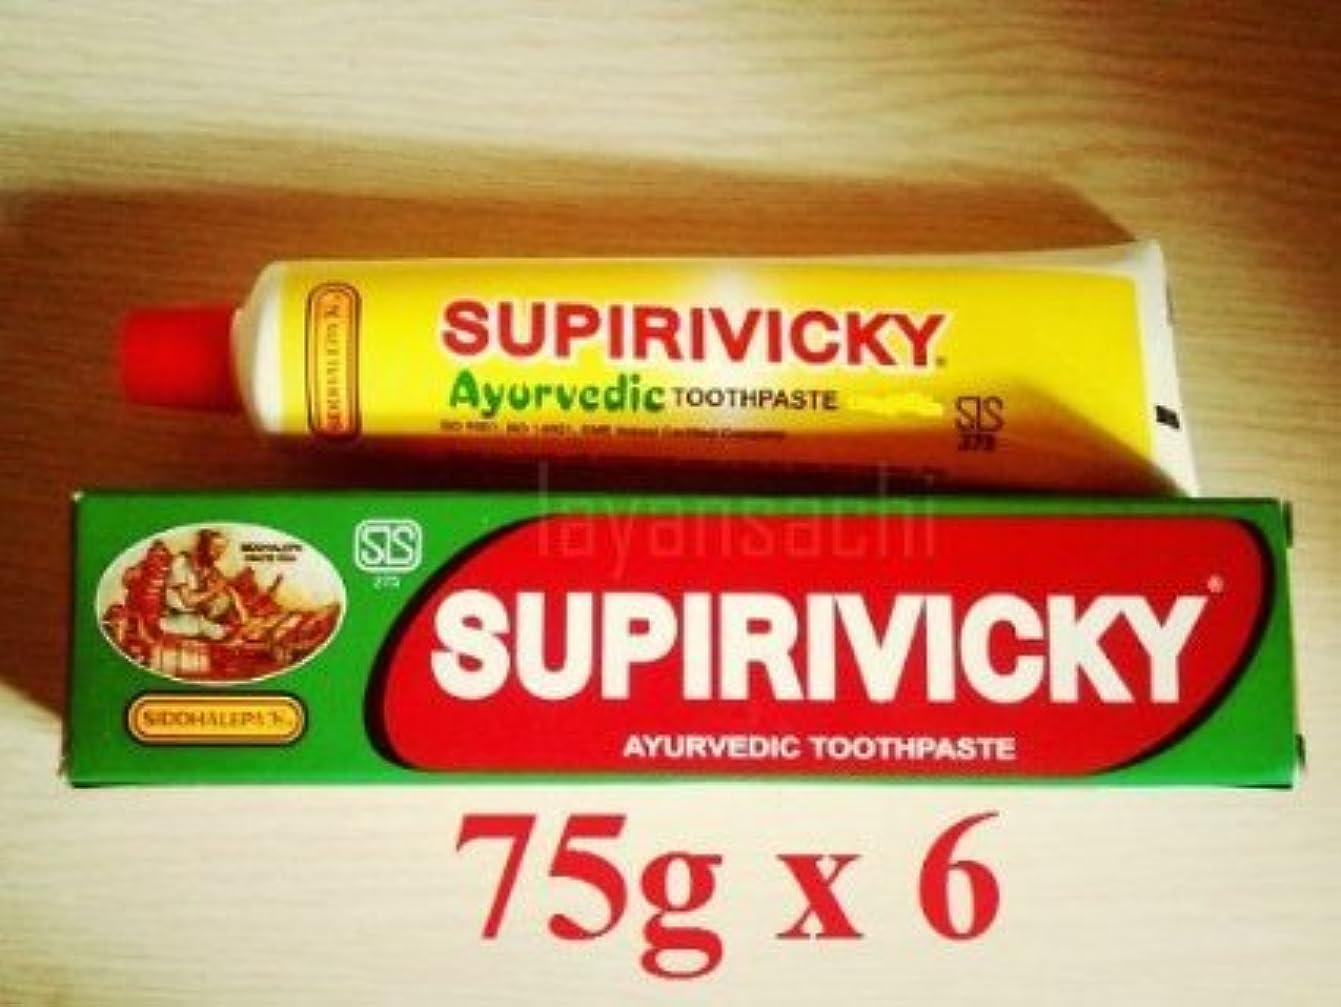 下アライアンスストラトフォードオンエイボン6 x 70gチューブSIDDHALEPA SUPIRIVICKYアーユルヴェーダハーブ歯磨き粉